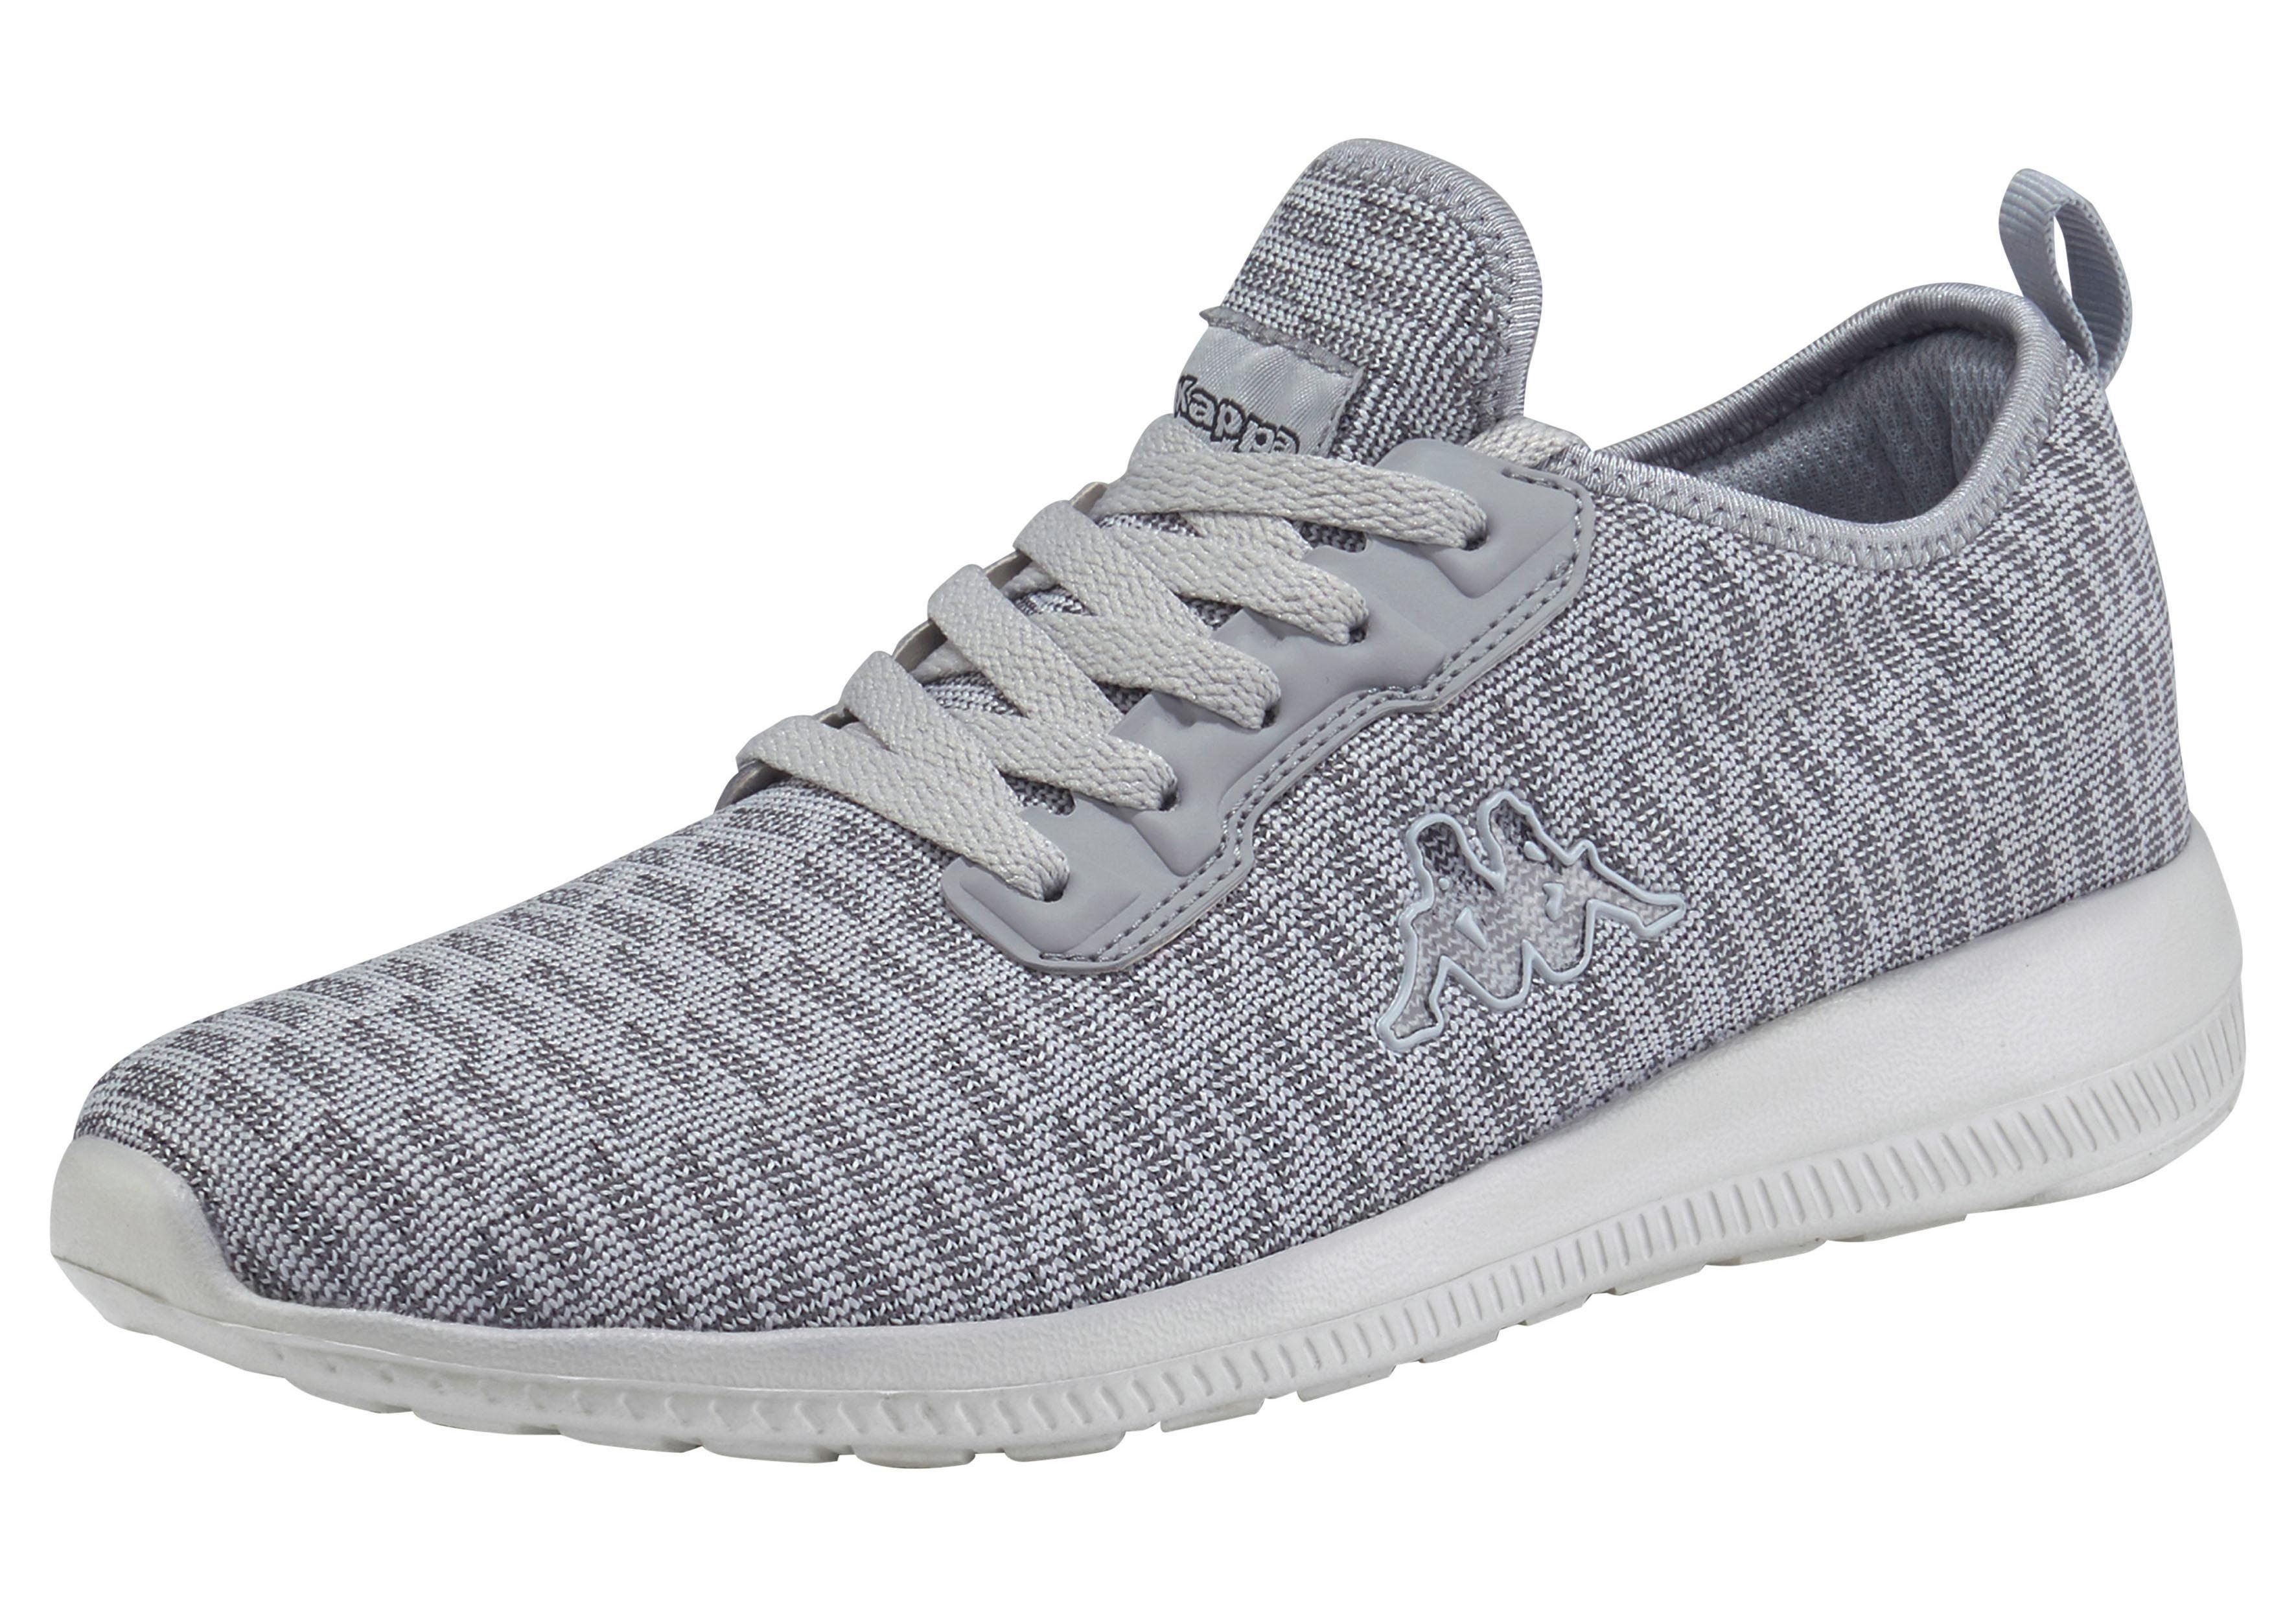 Nike Sportswear »MD Runner 2 Wmns« Sneaker, Komfortable Schaft Polsterung online kaufen | OTTO